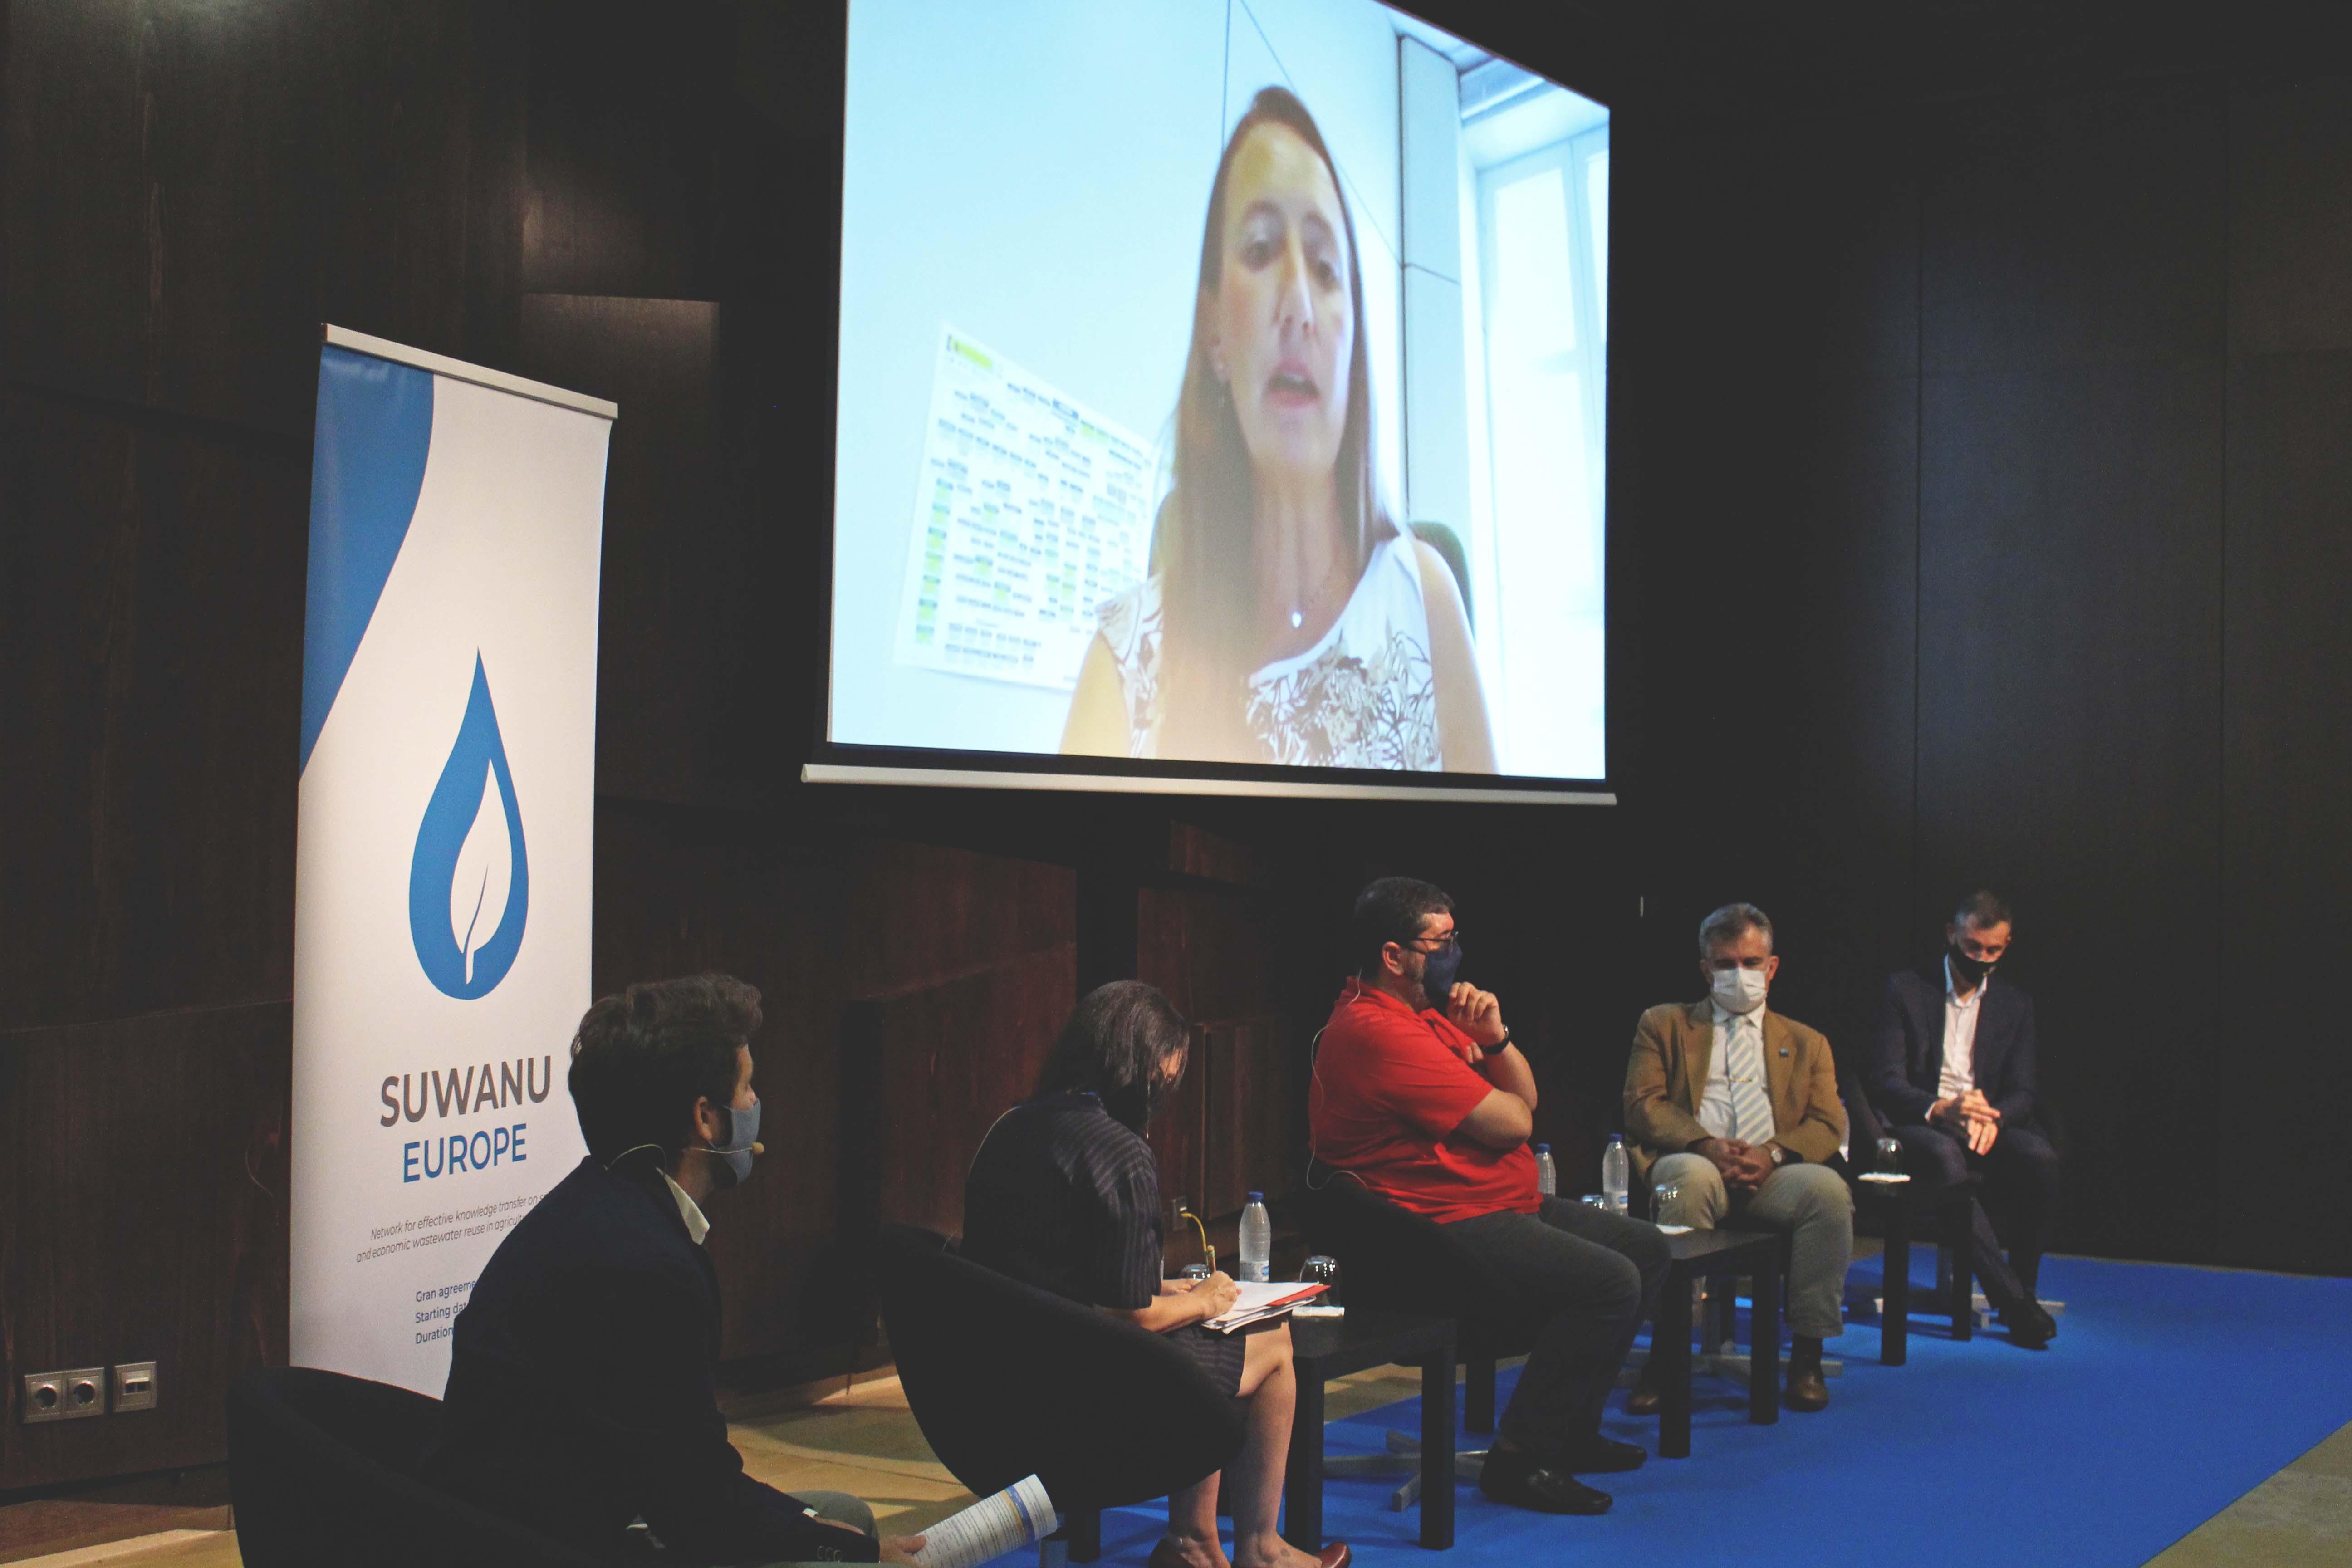 Concha Marcuello (MITECO) presentation